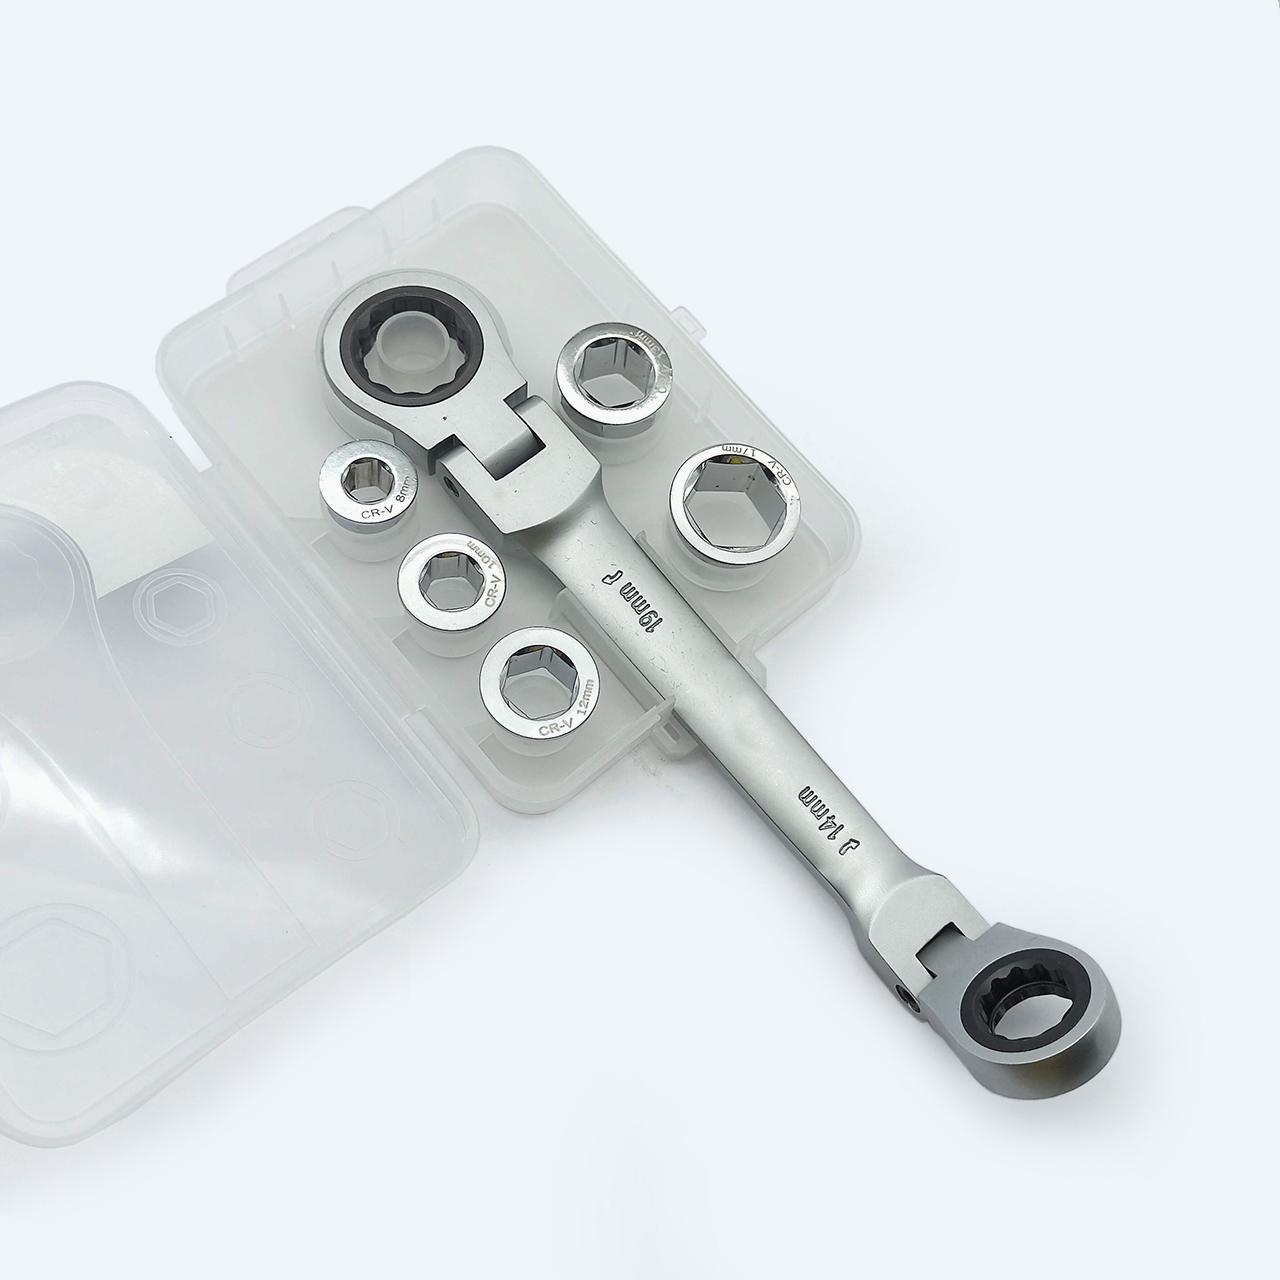 Bộ chén vặn ốc bánh cóc lắc léo 8-19mm